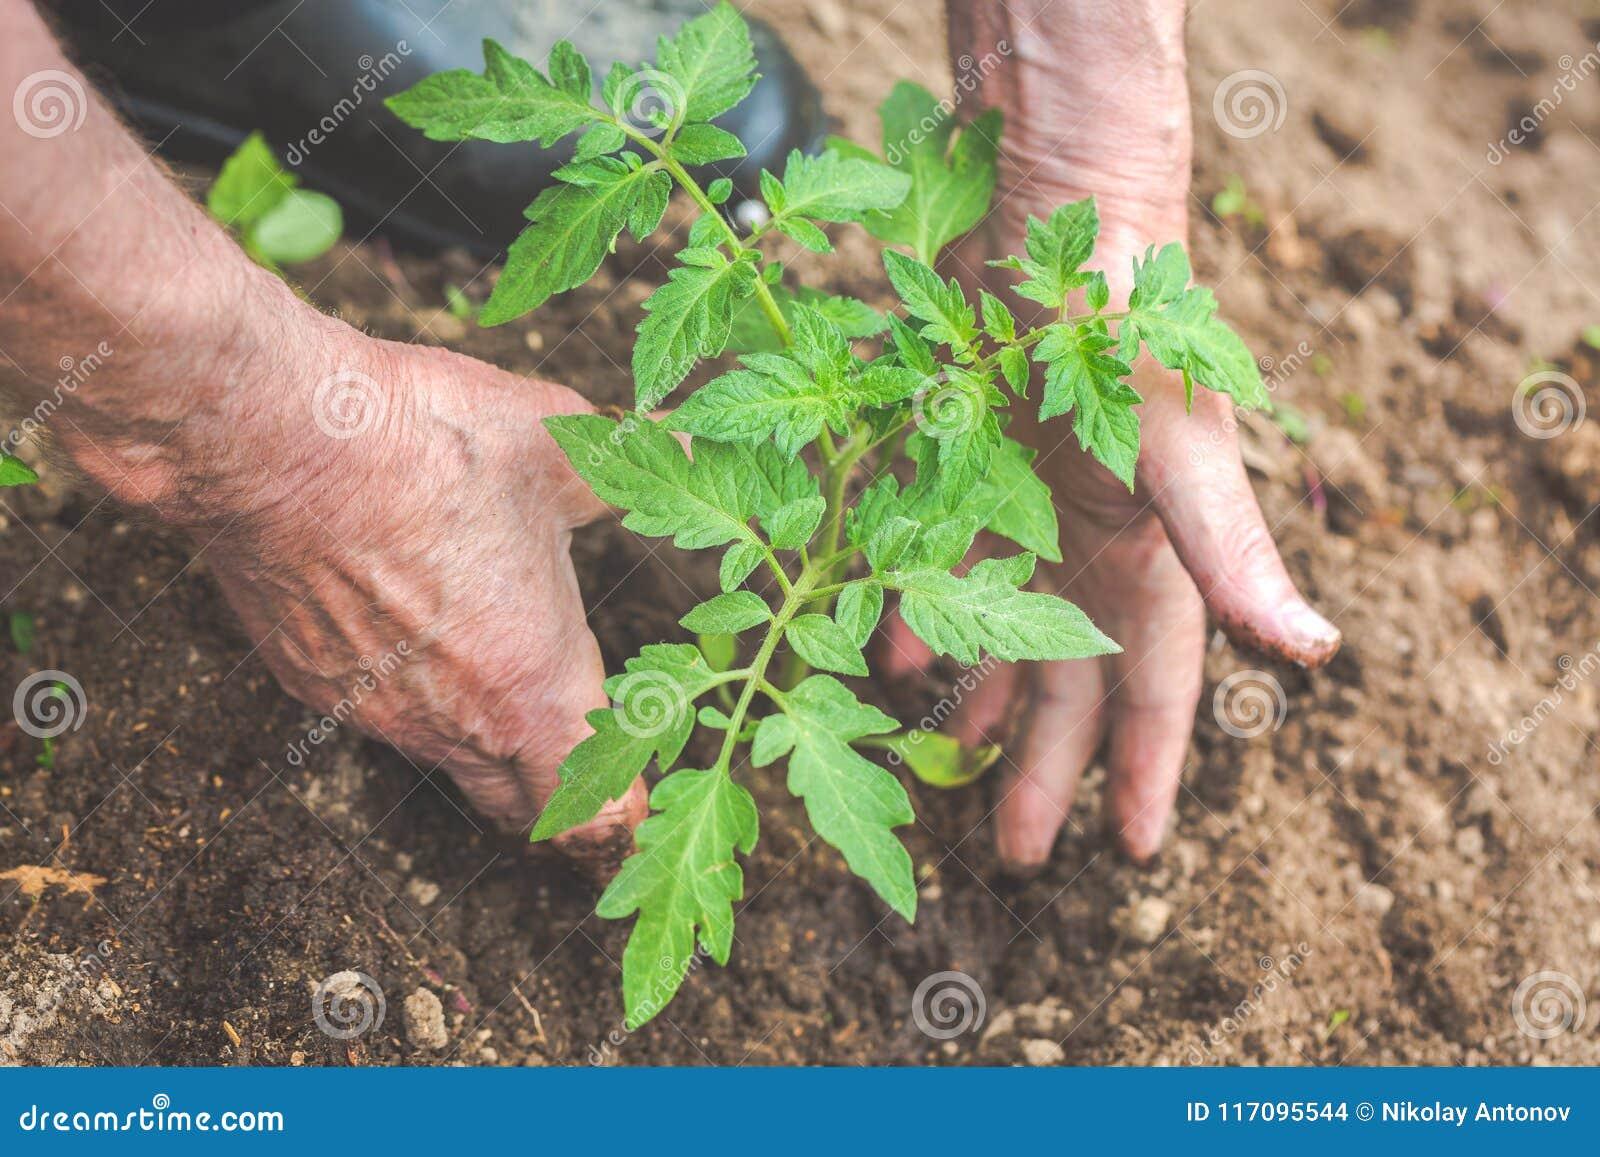 Hande Des Alten Mannes Pflanzen Den Tomatensamling In Den Boden